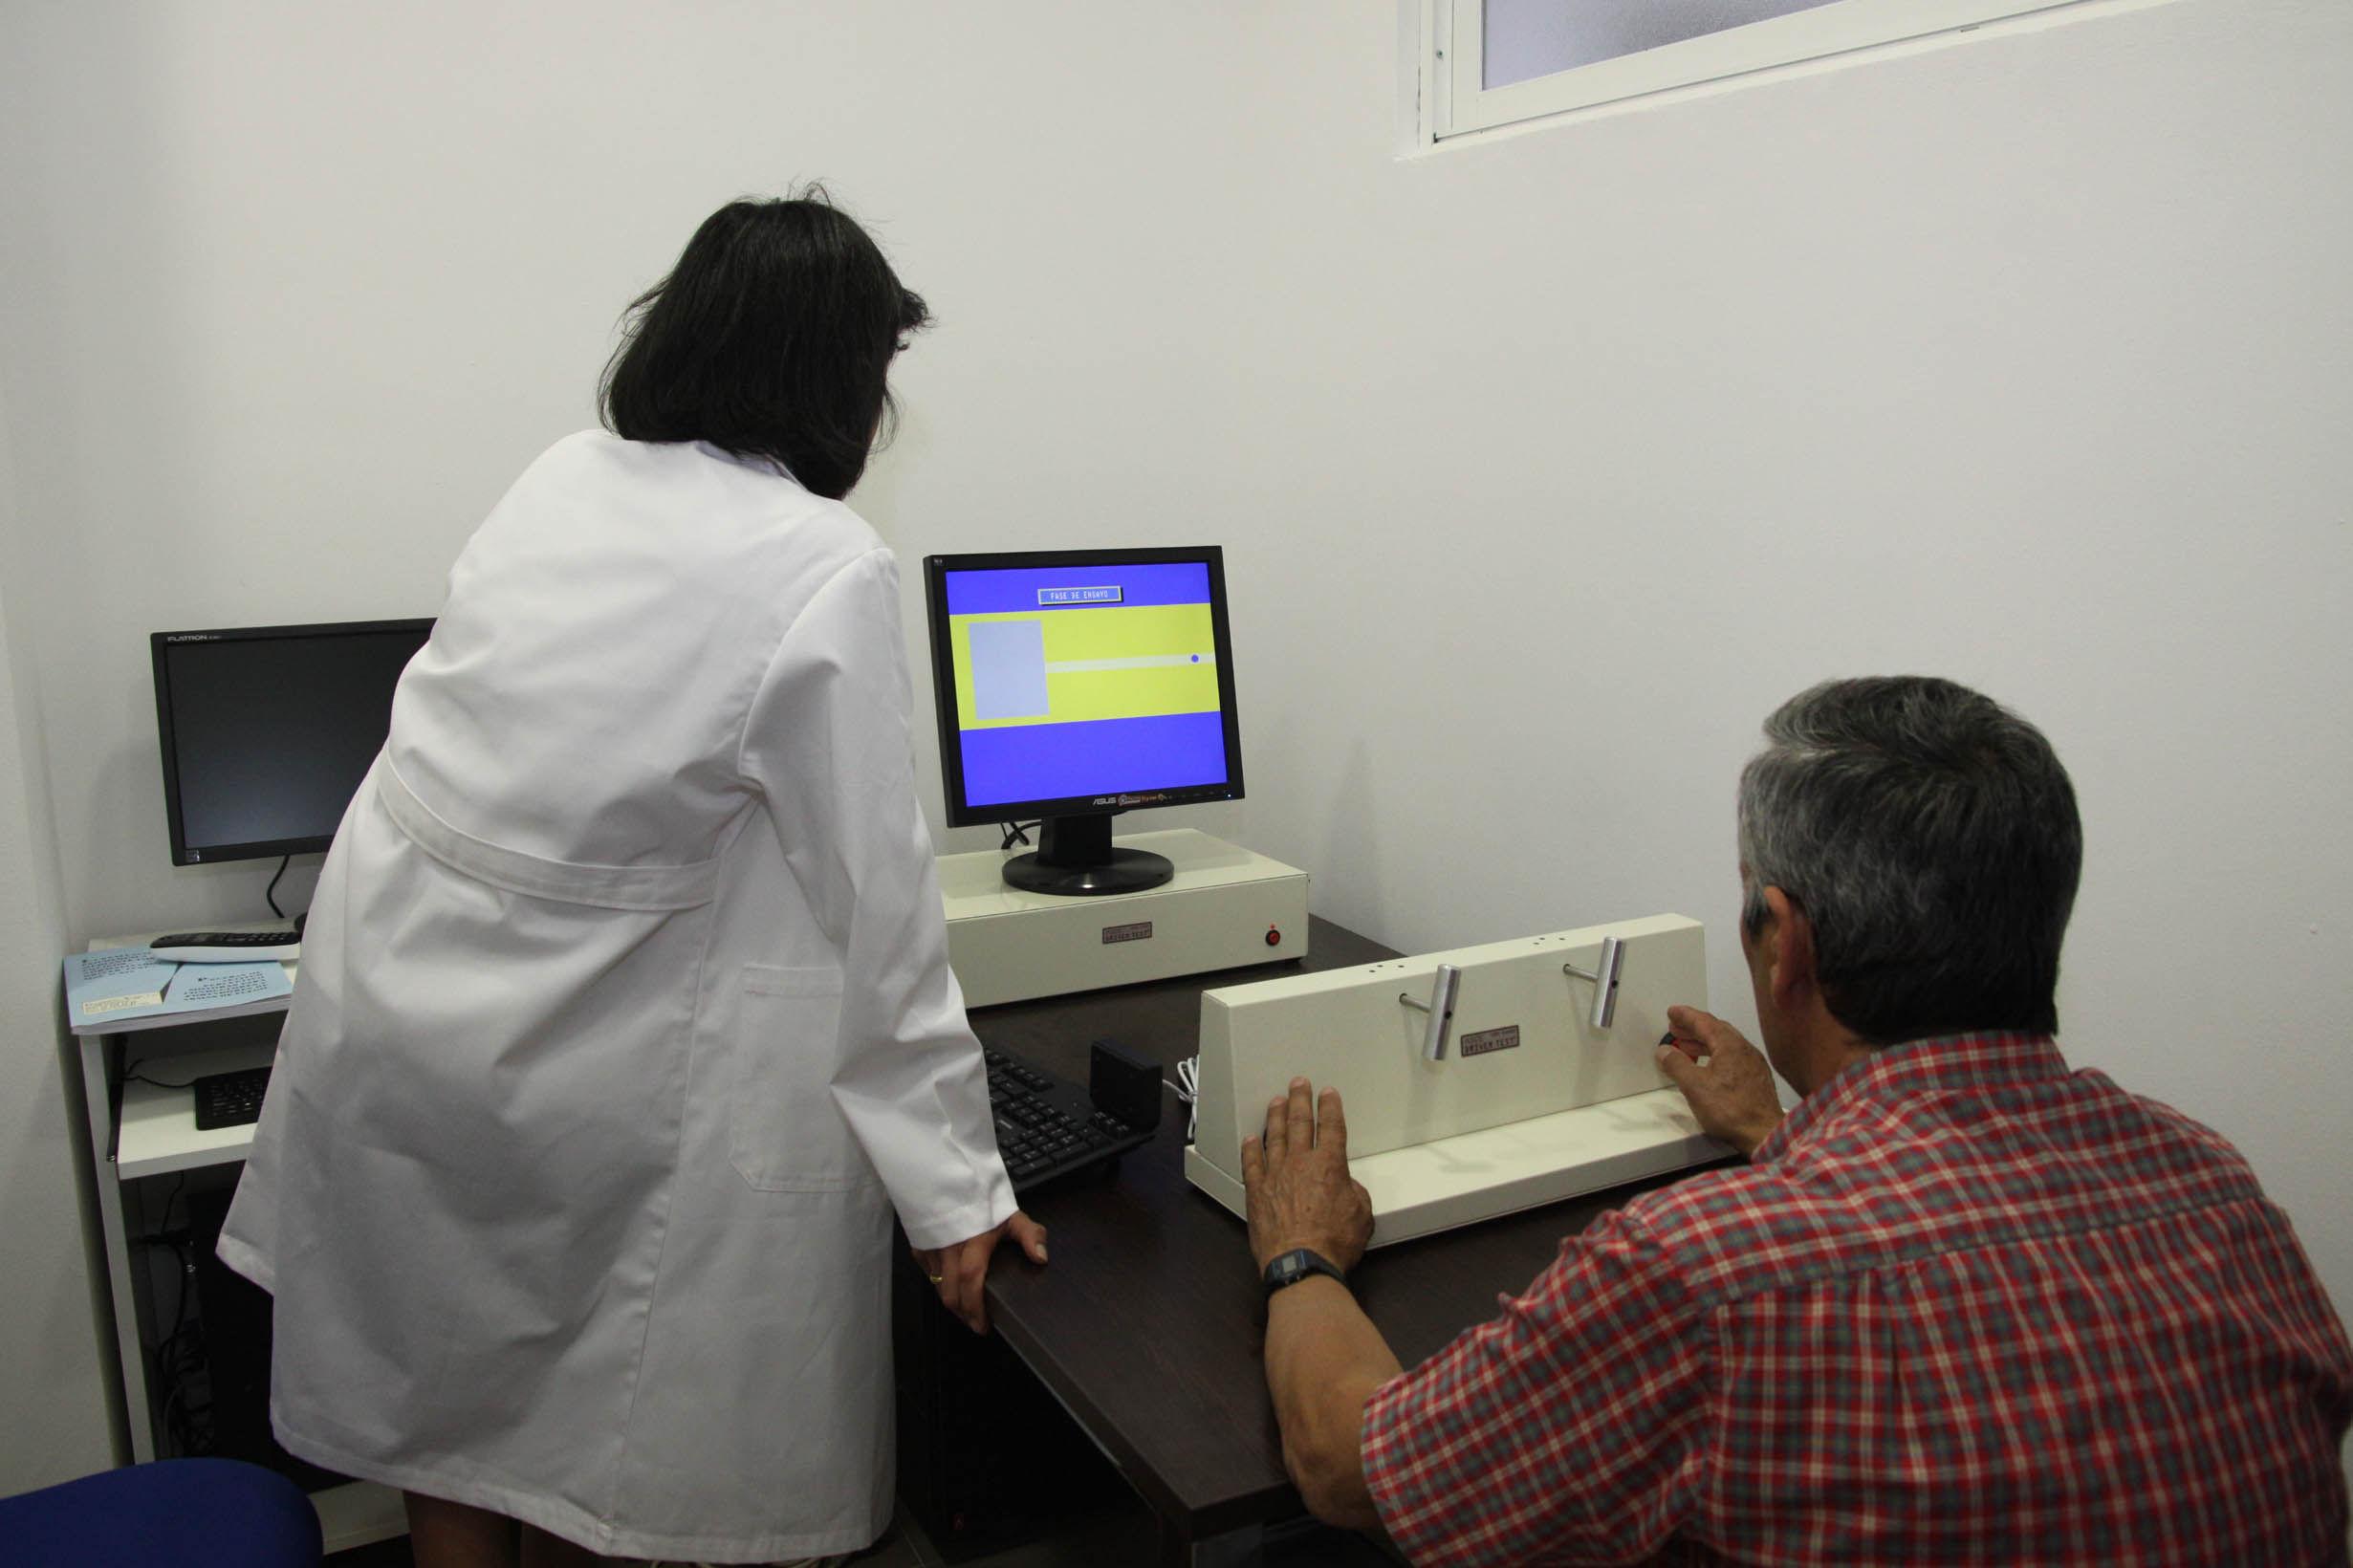 Foto 10 de Reconocimientos y certificados médicos en Segovia   Crm Nueva Segovia